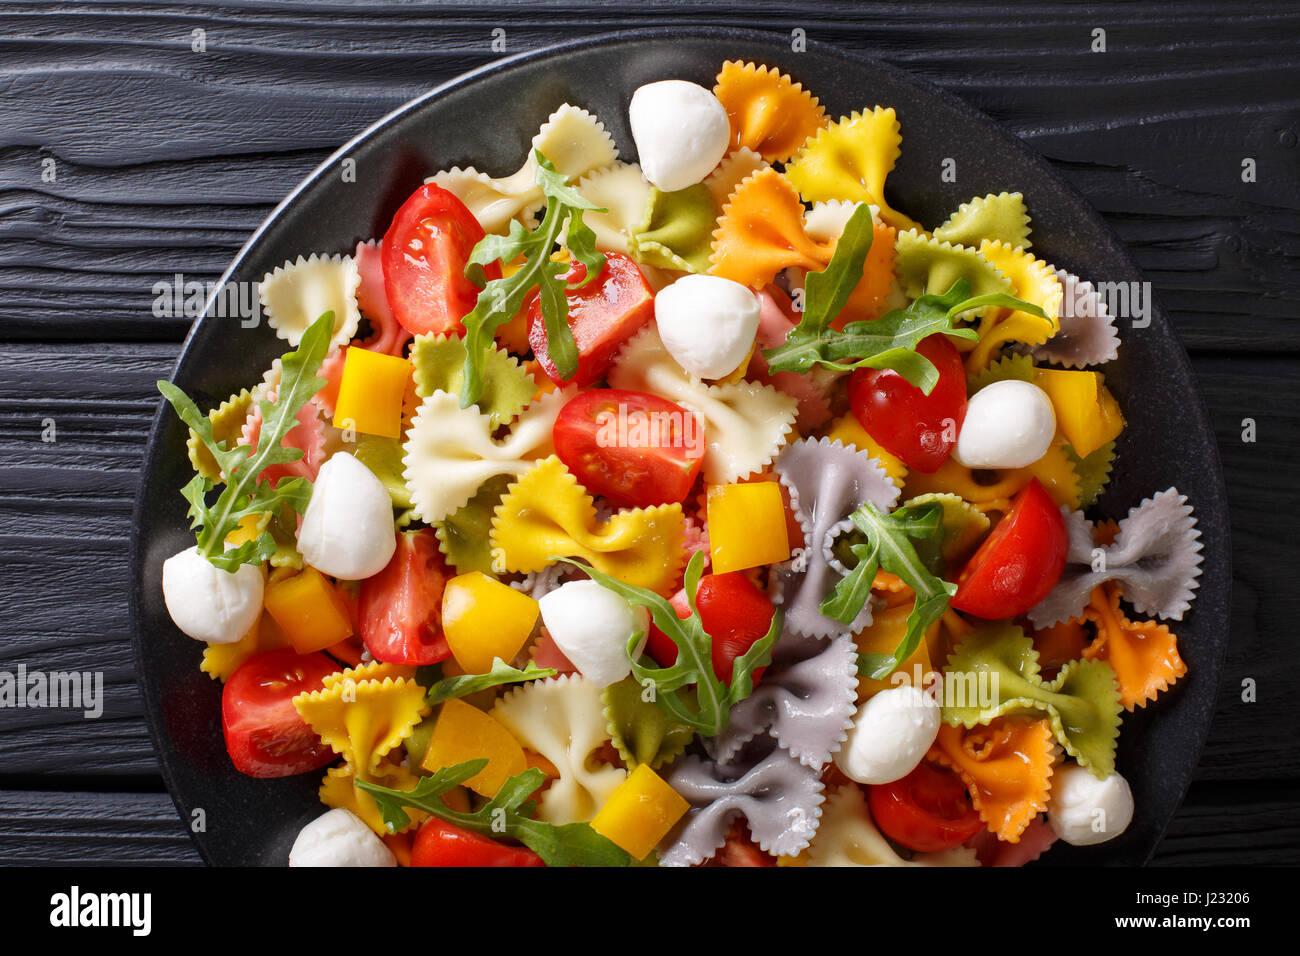 Comida italiana: Pasta Farfalle con verduras y mozzarella de cerca en una placa vista desde arriba de la horizontal. Foto de stock